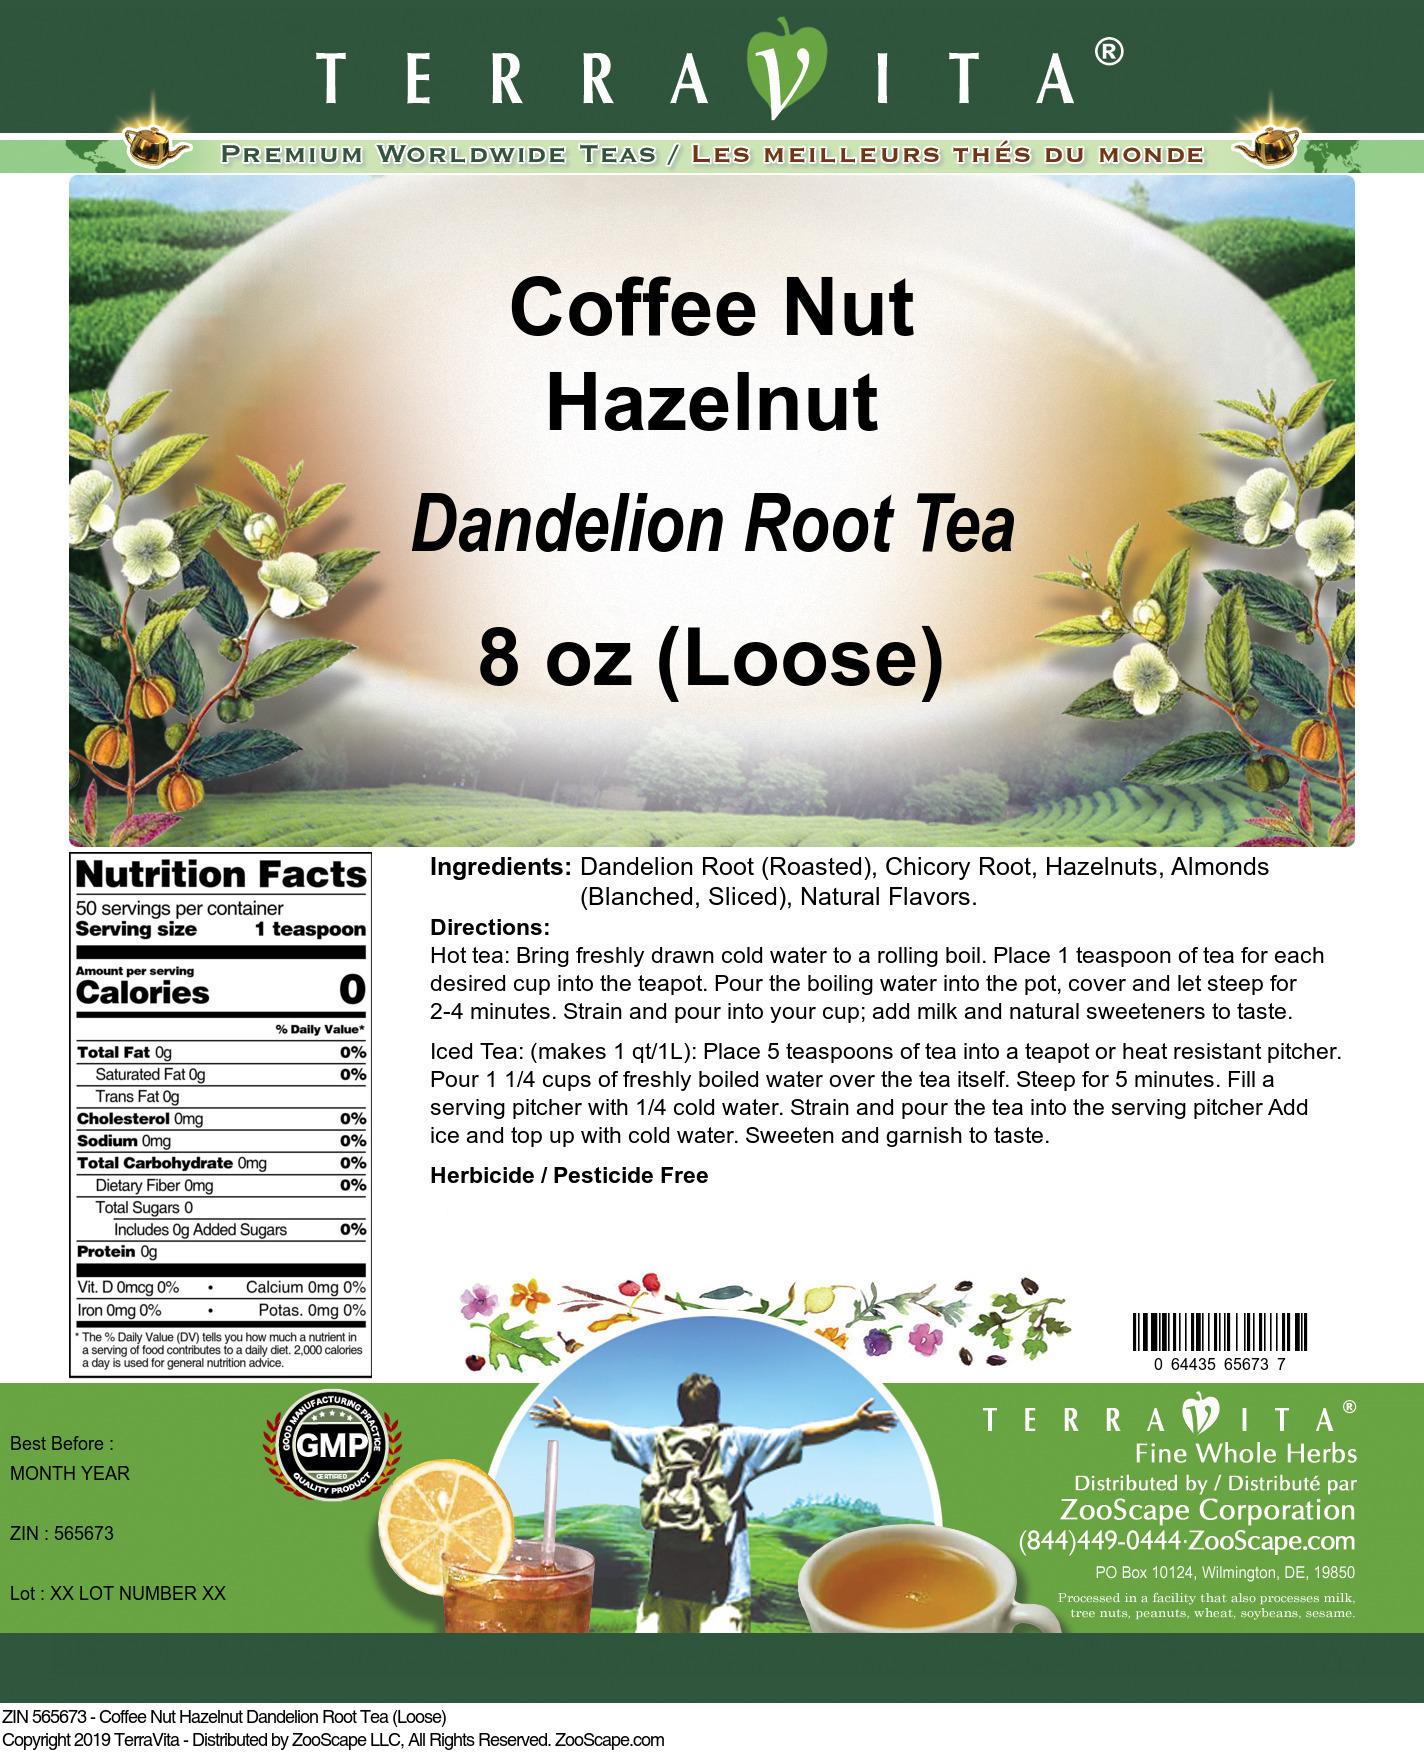 Coffee Nut Hazelnut Dandelion Root Tea (Loose)